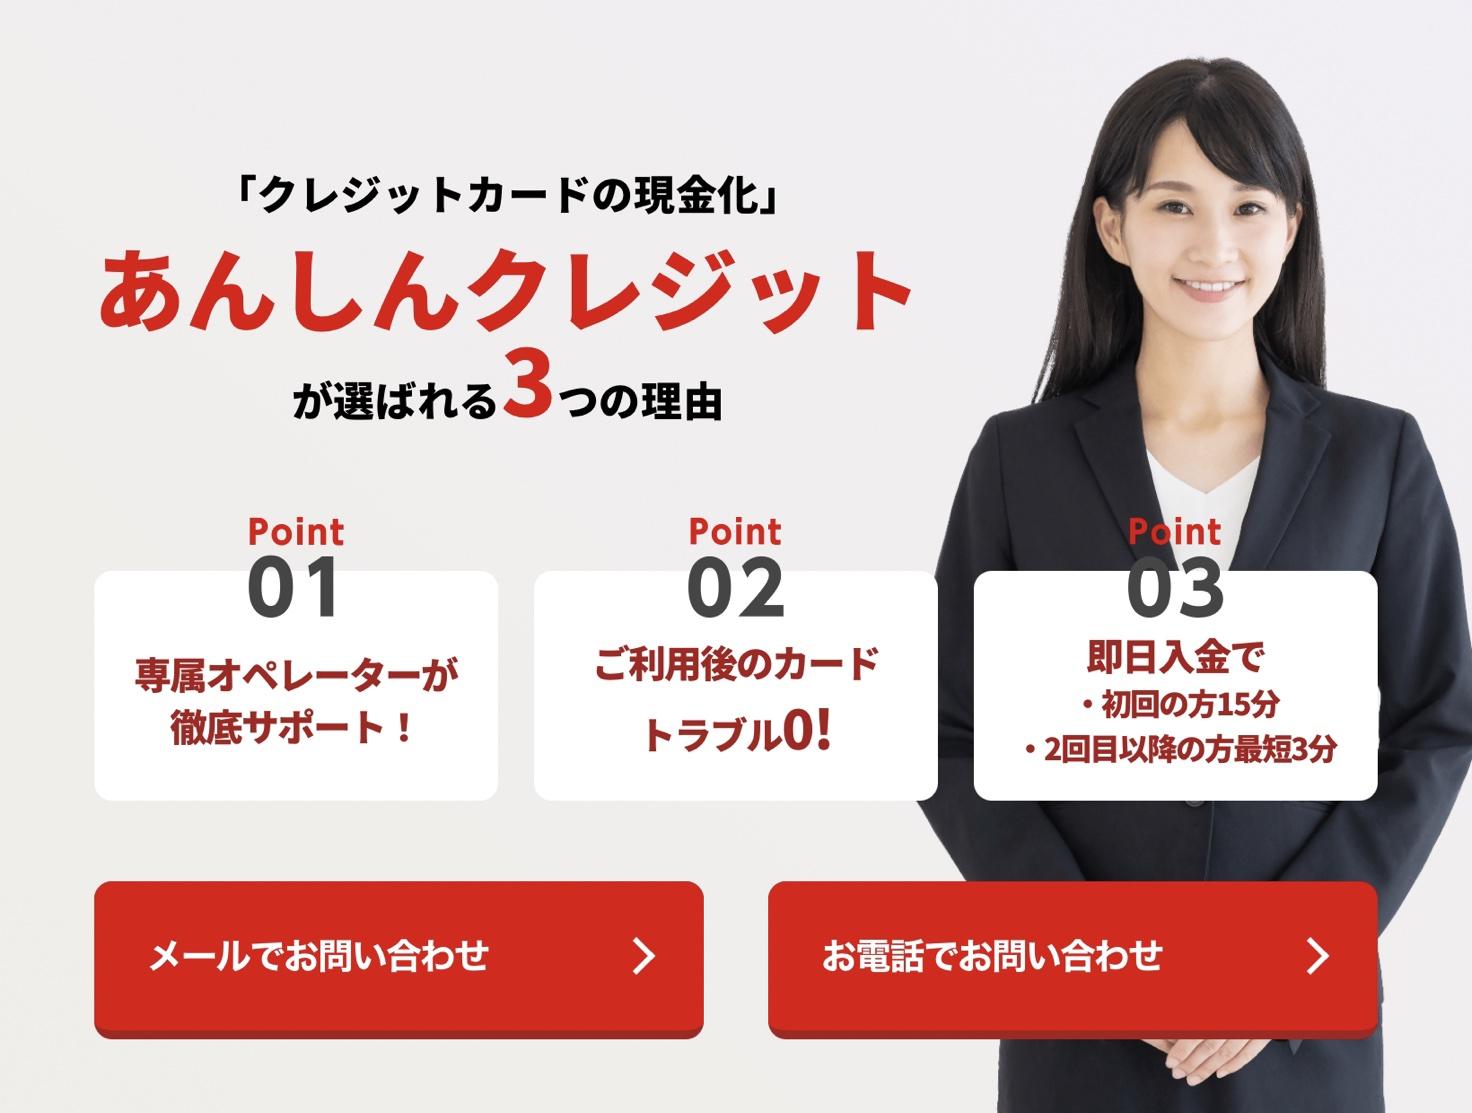 【クレジットカード現金化】あんしんクレジット『口コミ・評判』